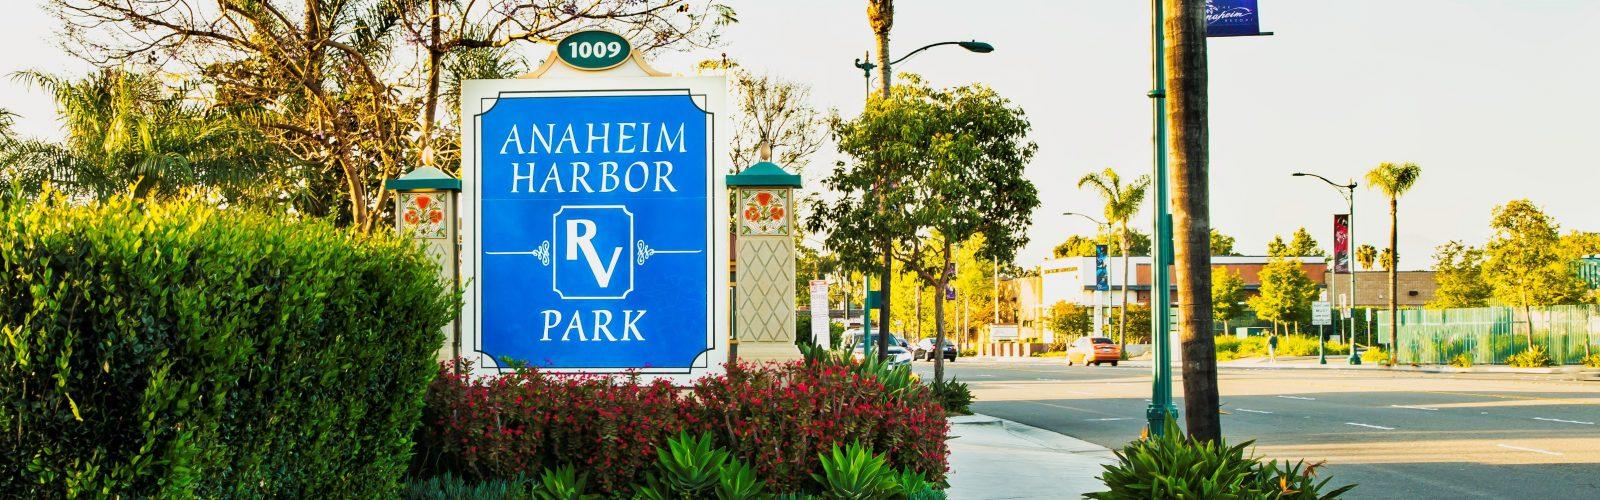 Anaheim Harbor RV Park | Closest RV Park to Disneyland